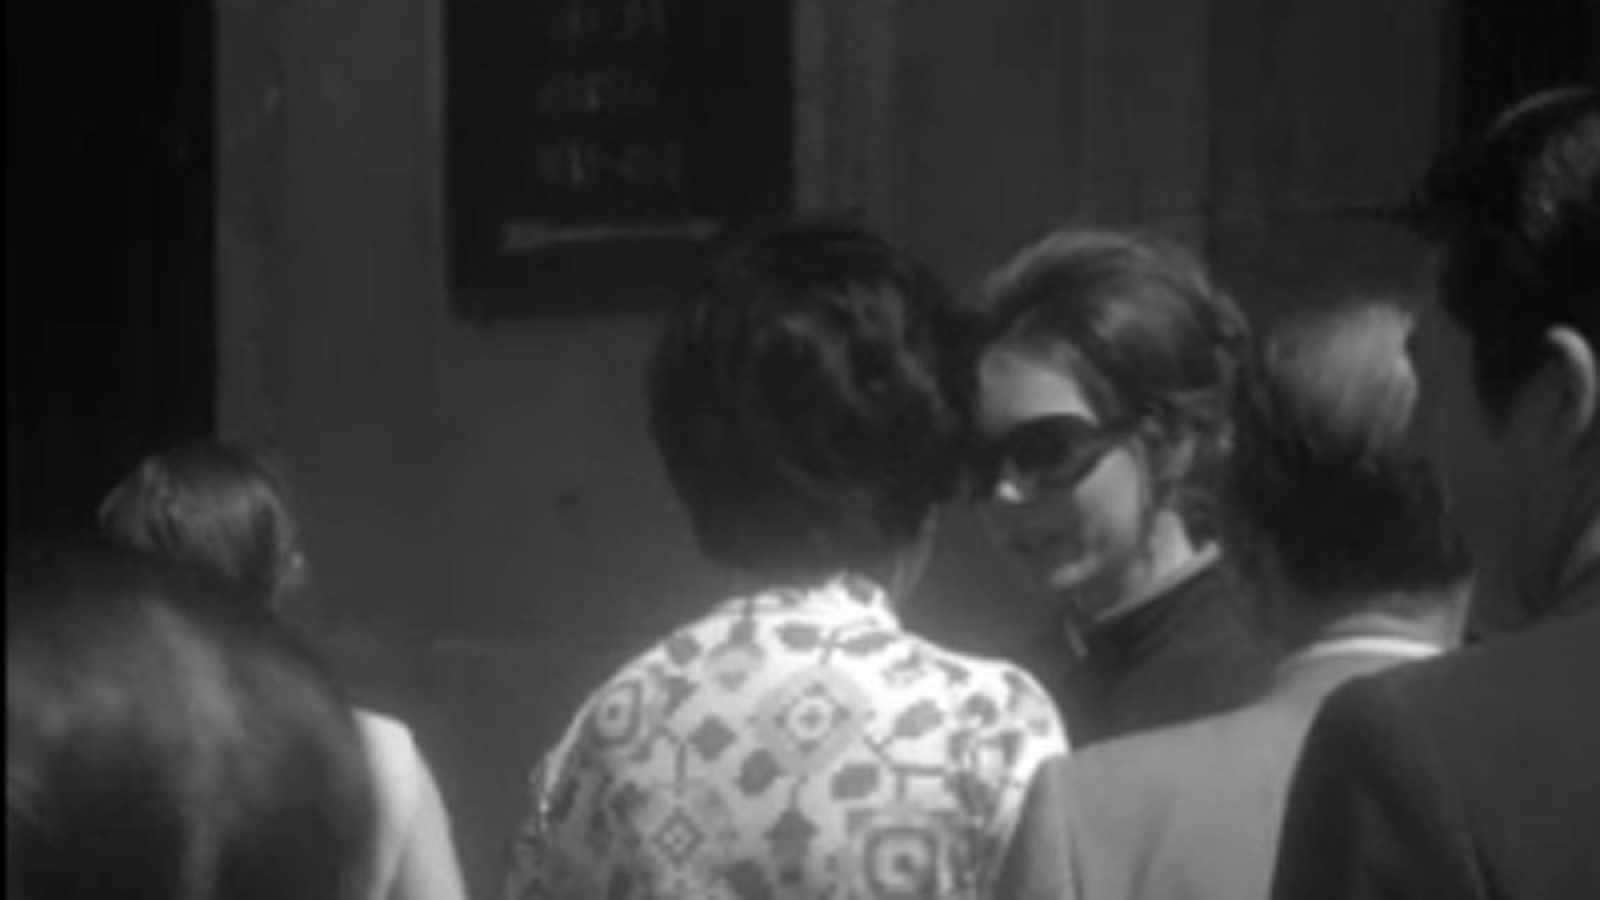 Noticias Nacional 1971 - La hija de Nixon, en El Prado